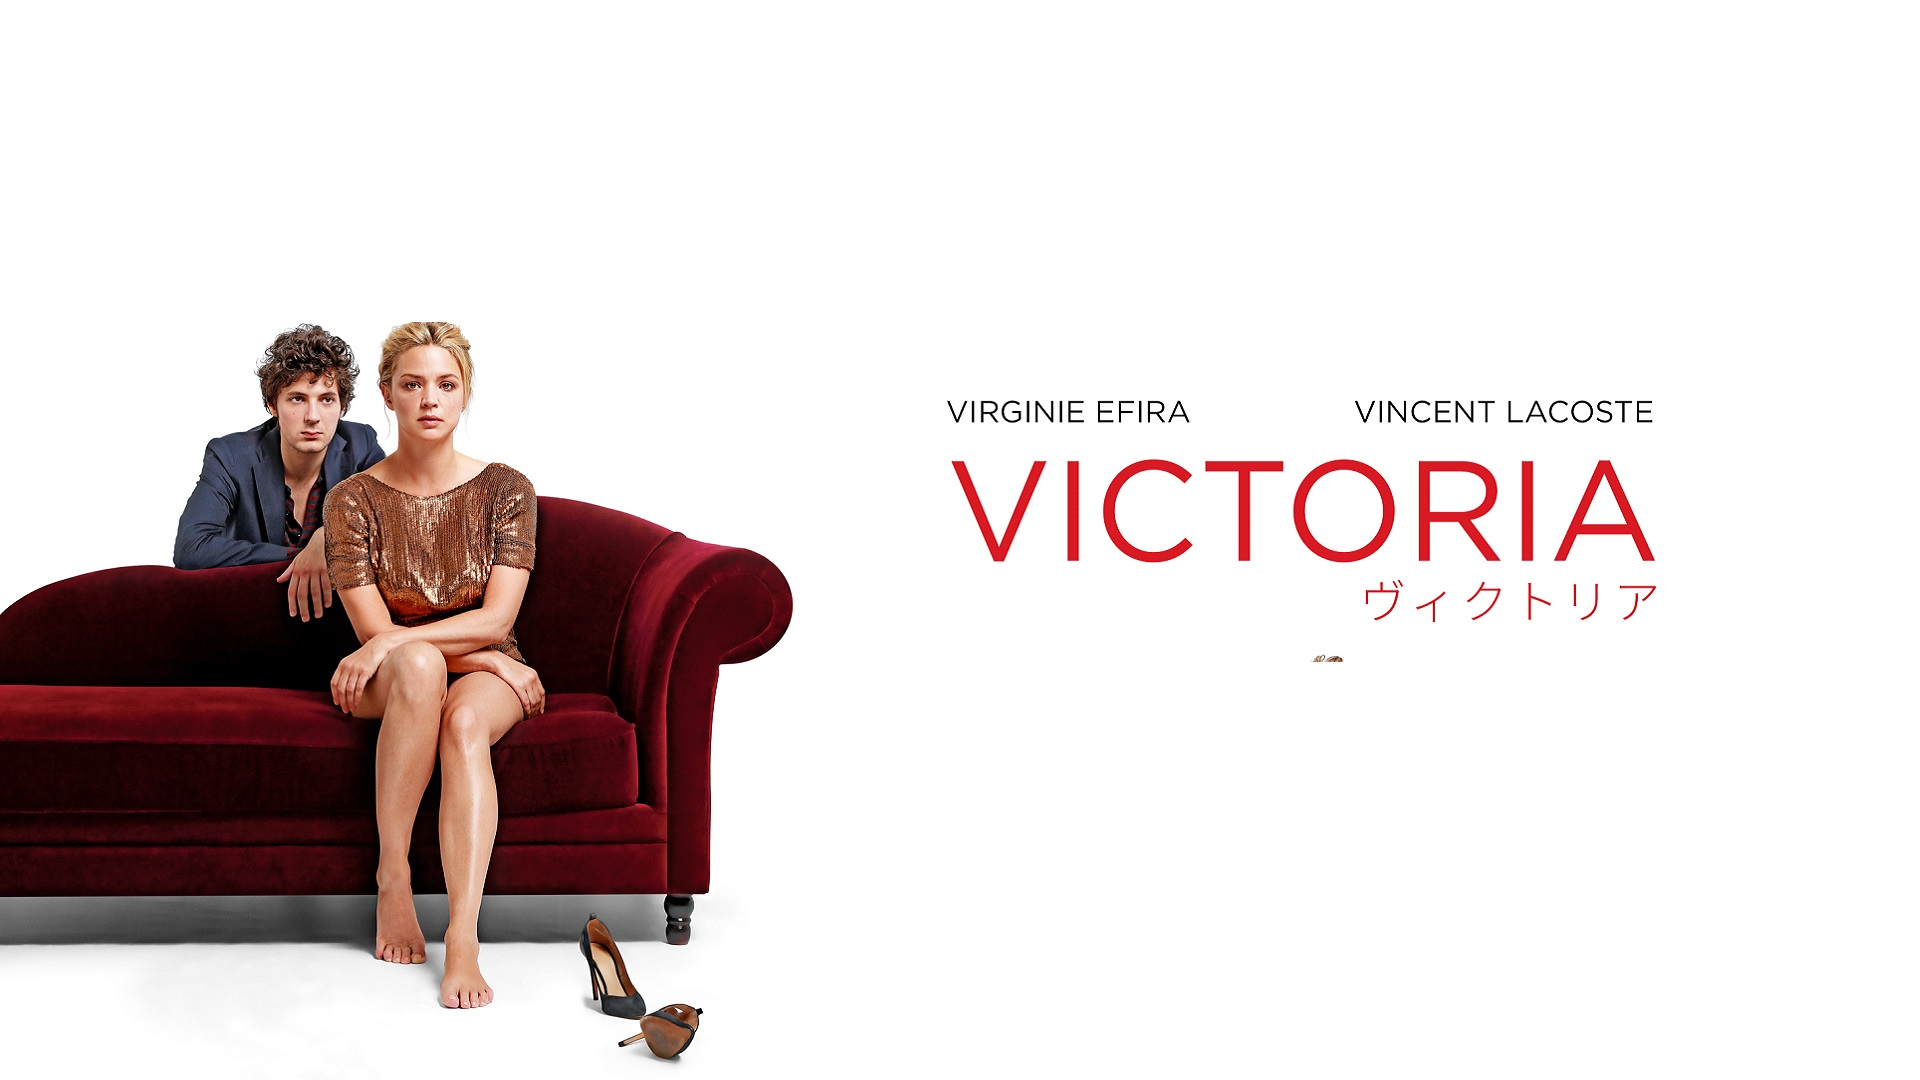 ヴィクトリア (Victoria)